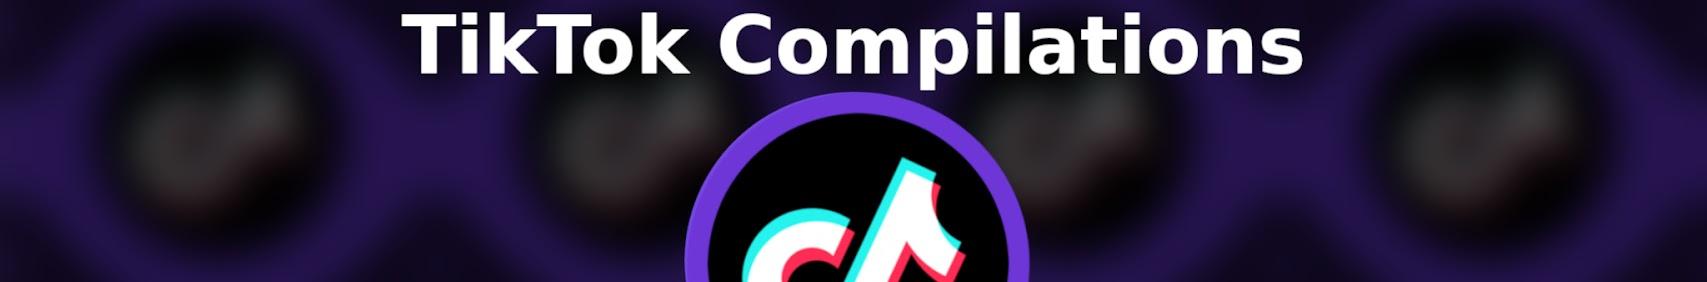 TikTok Compilations